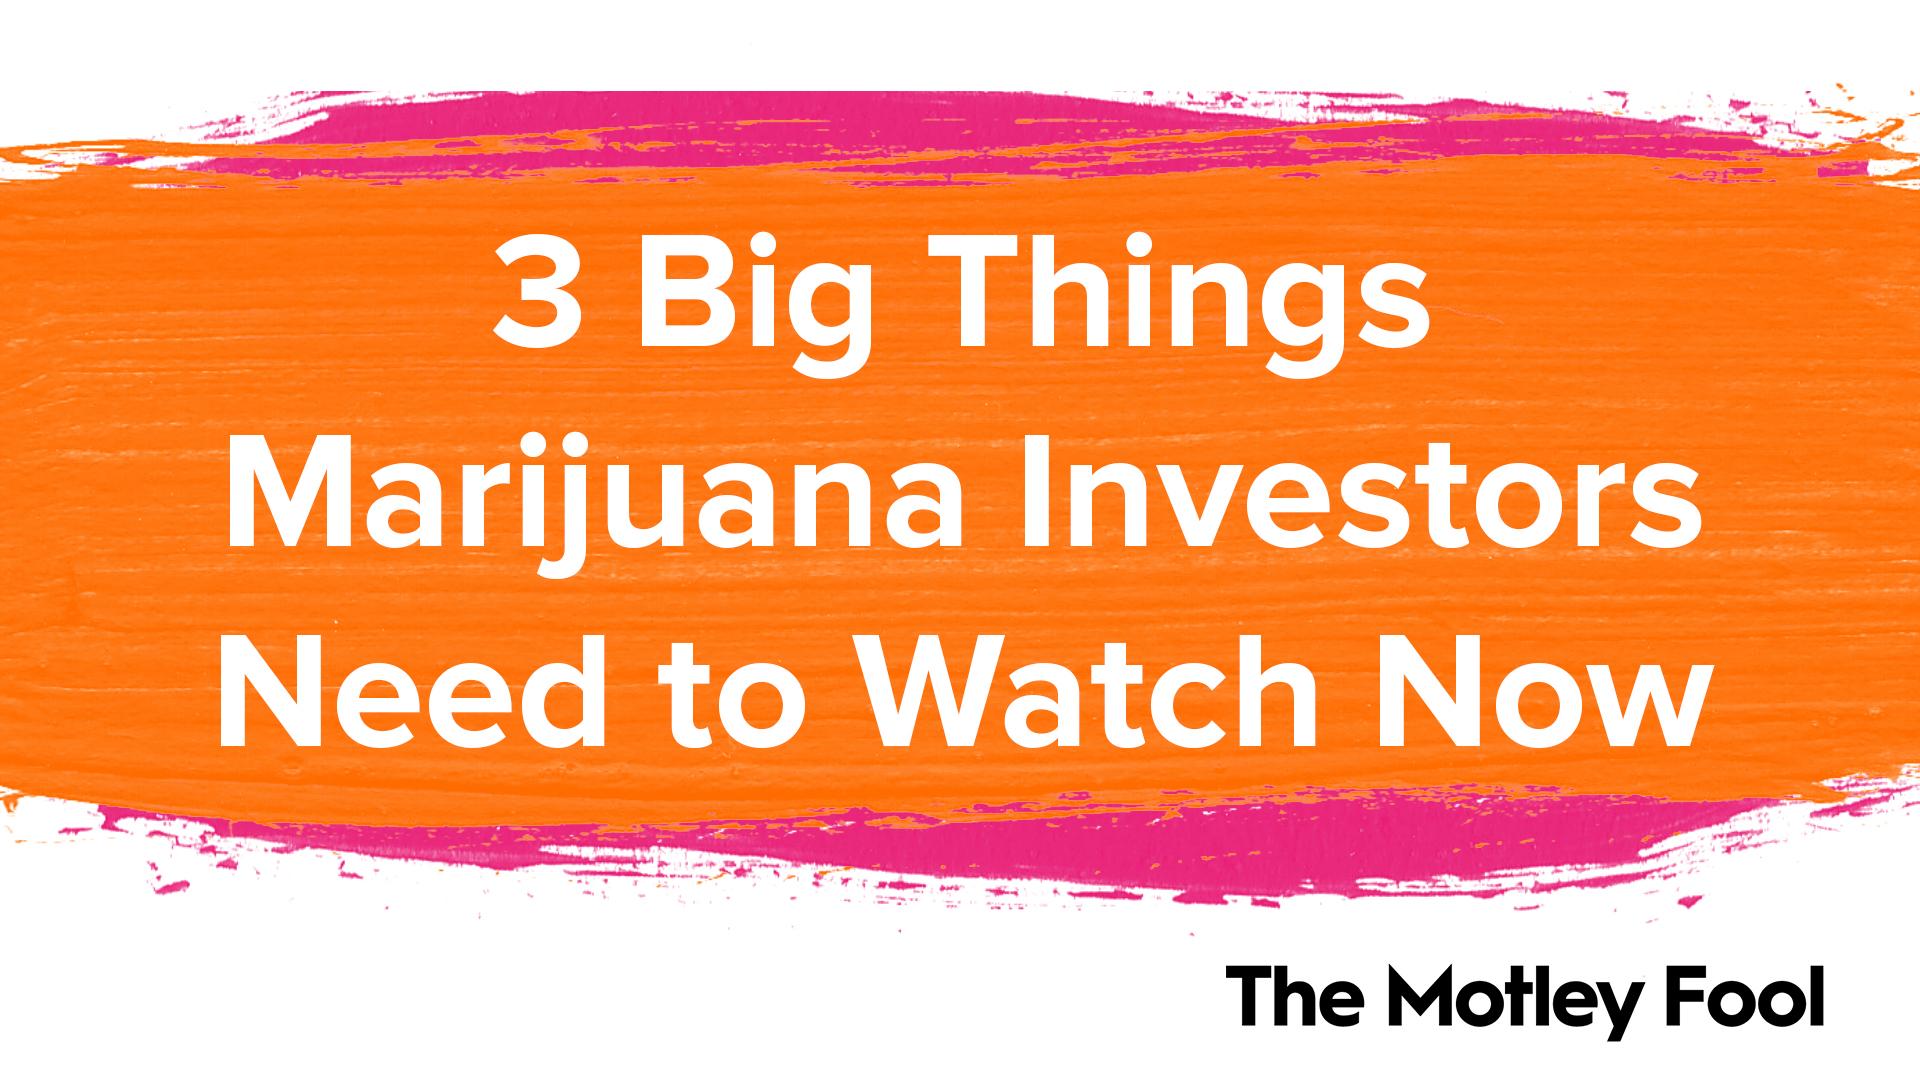 3 Big Things Marijuana Investors Need to Watch Now